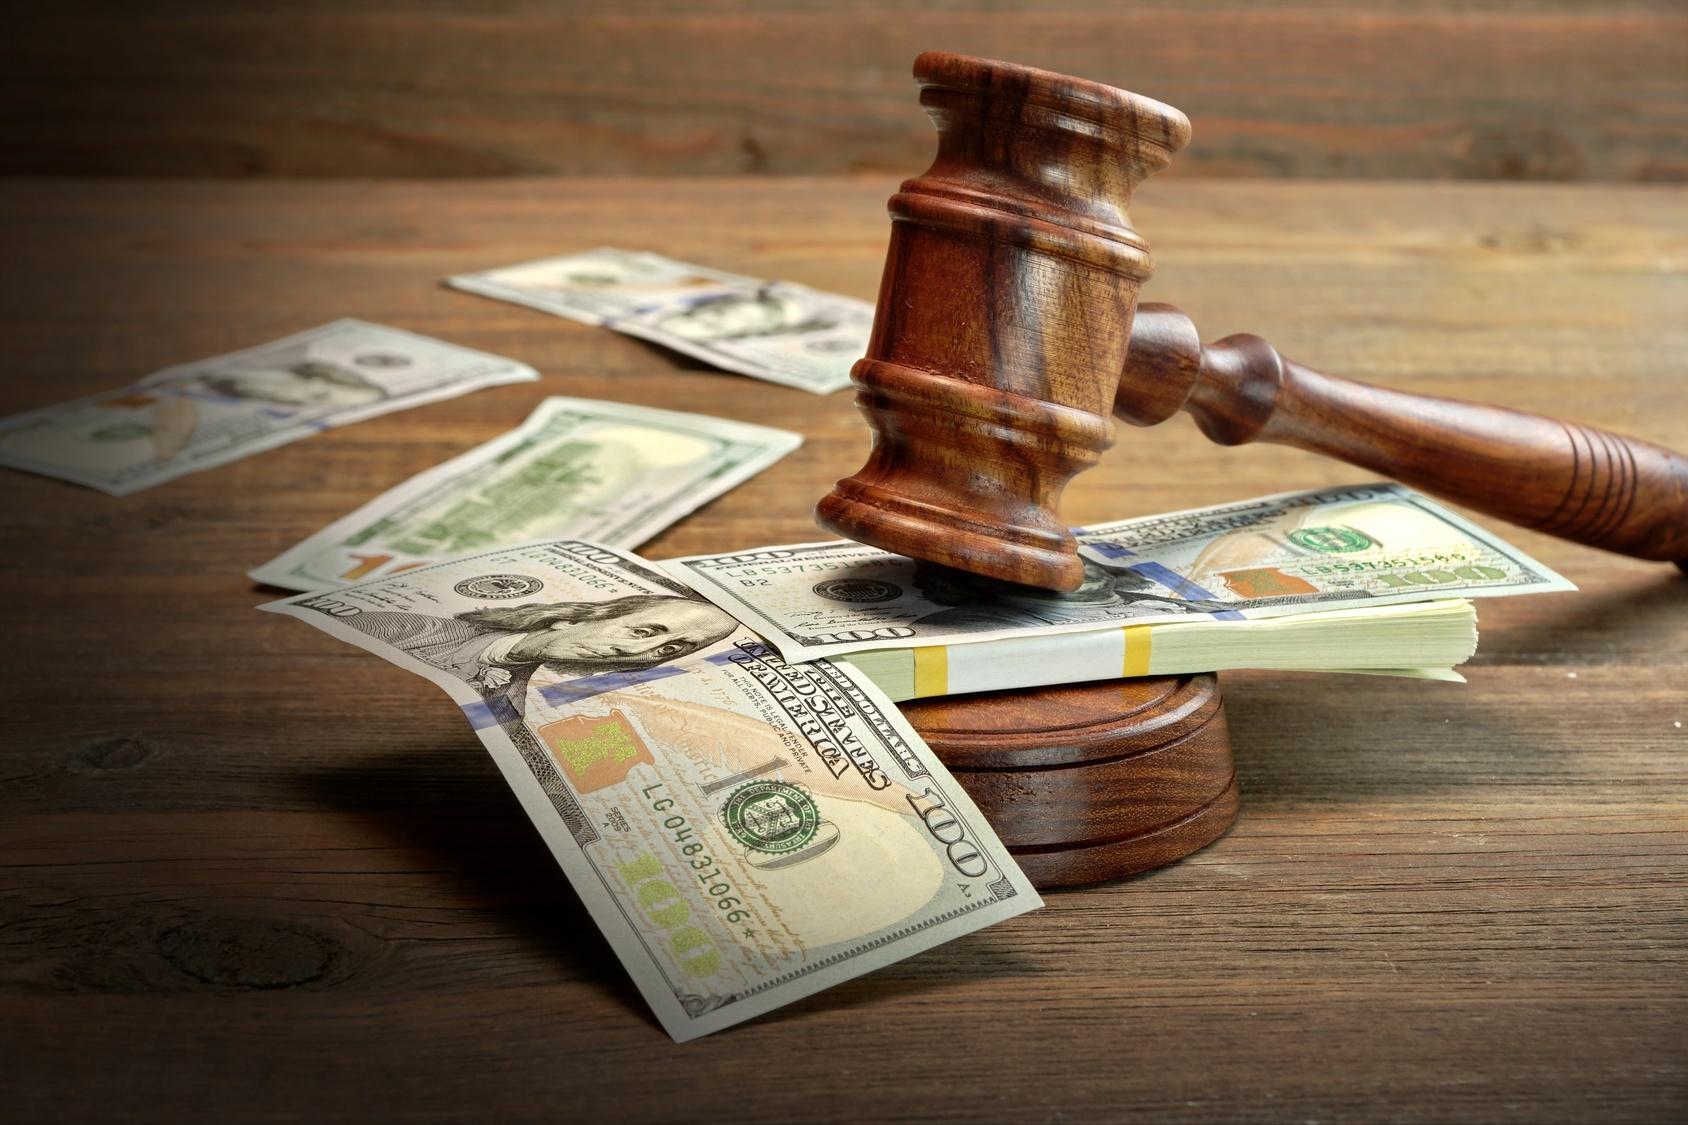 巨额财产来源不明罪的处罚规定